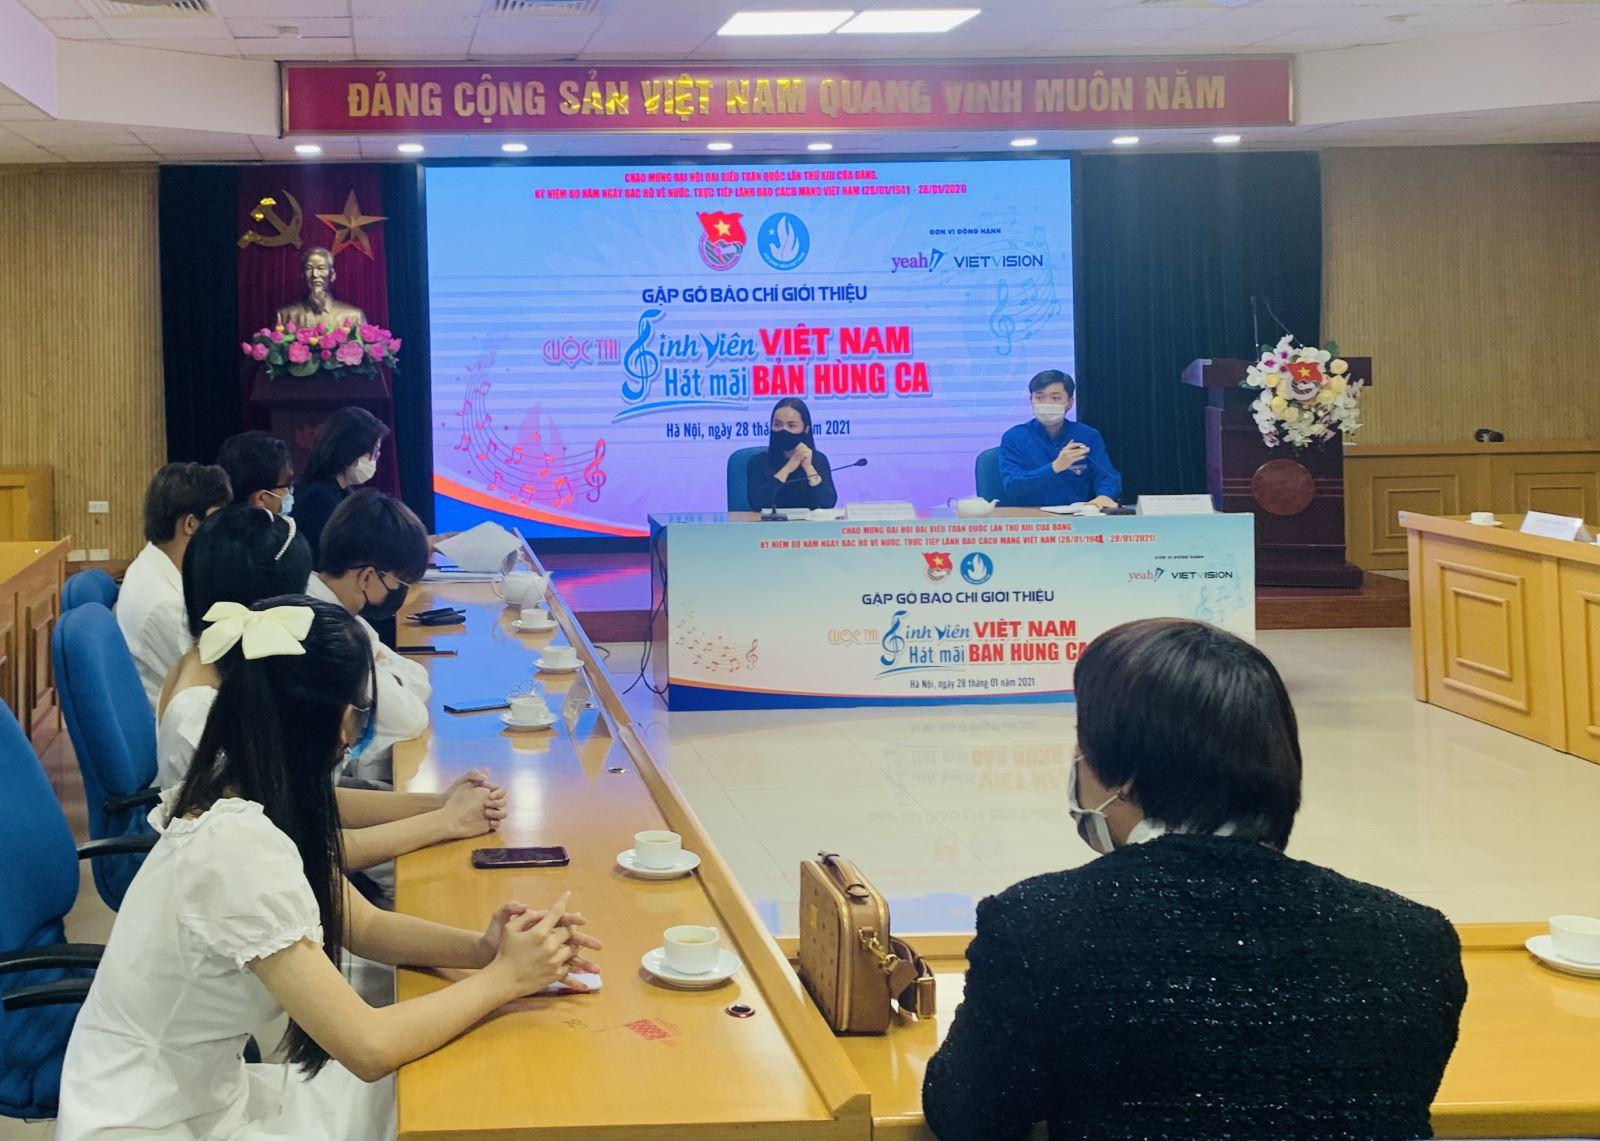 Khởi động cuộc thi 'Sinh viên Việt Nam - hát mãi bản hùng ca'